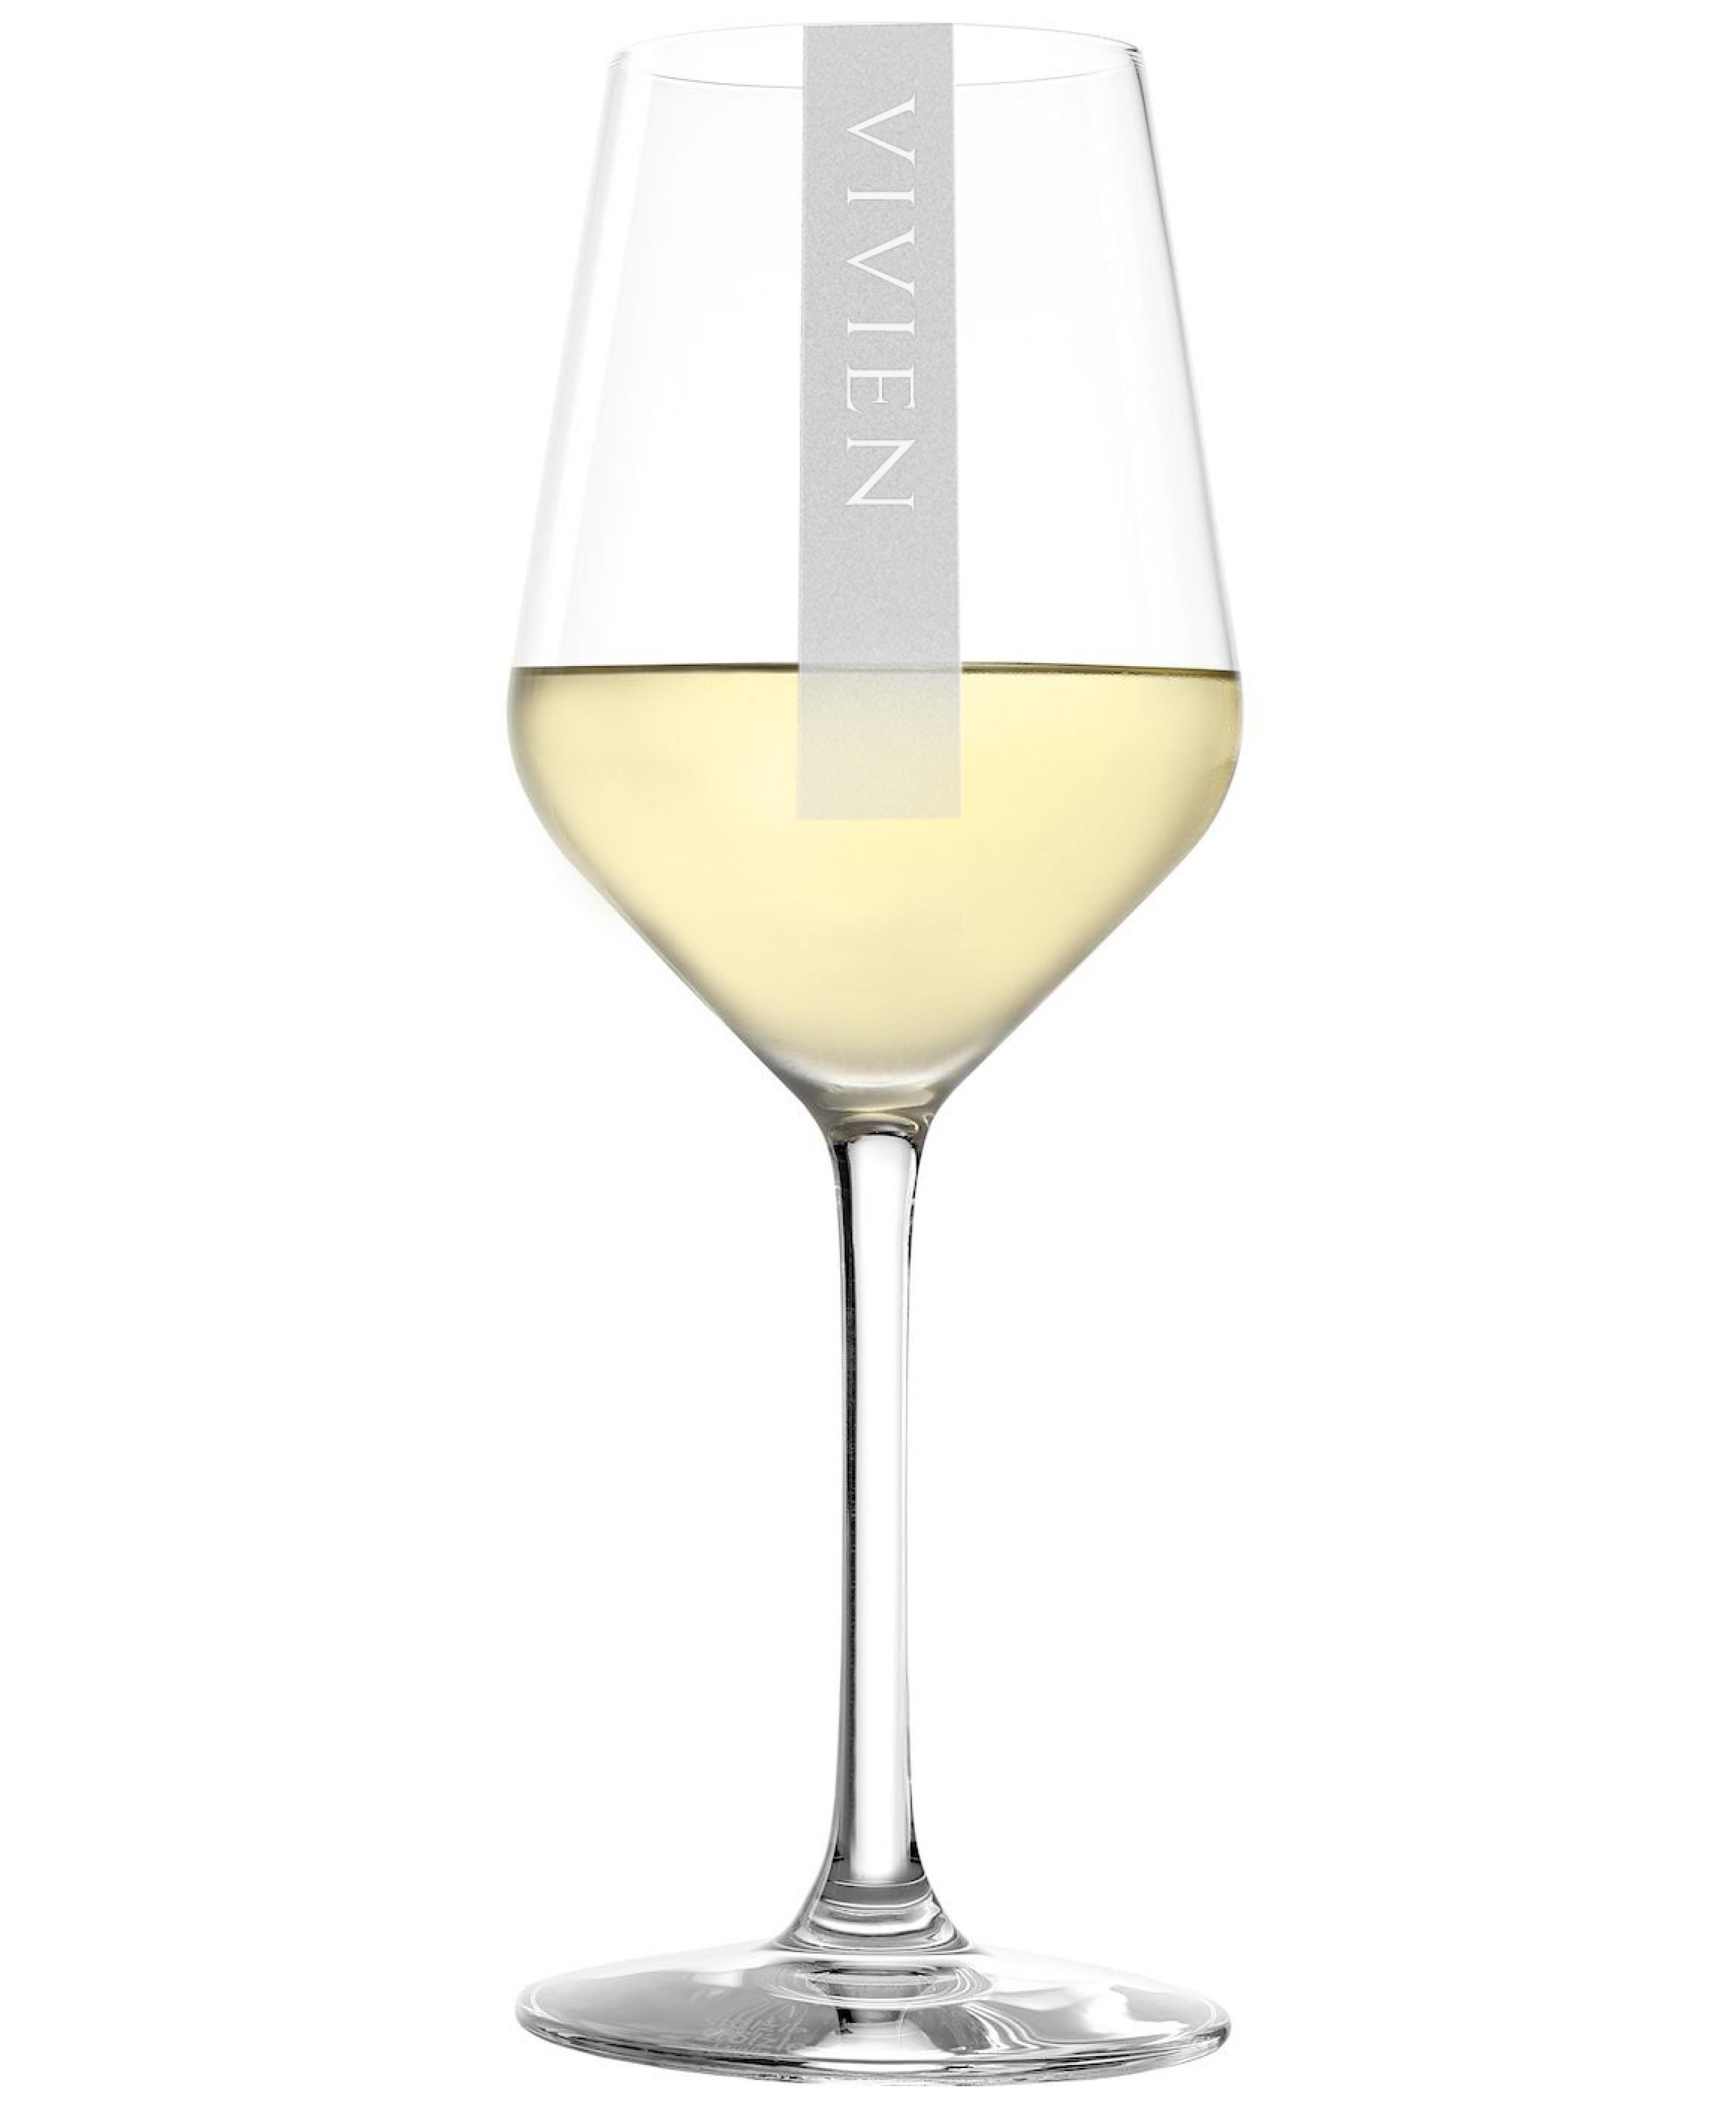 NAMEN Weißweinglas mit Wunschtext | 365ml Stölzle Revolution| Gravur